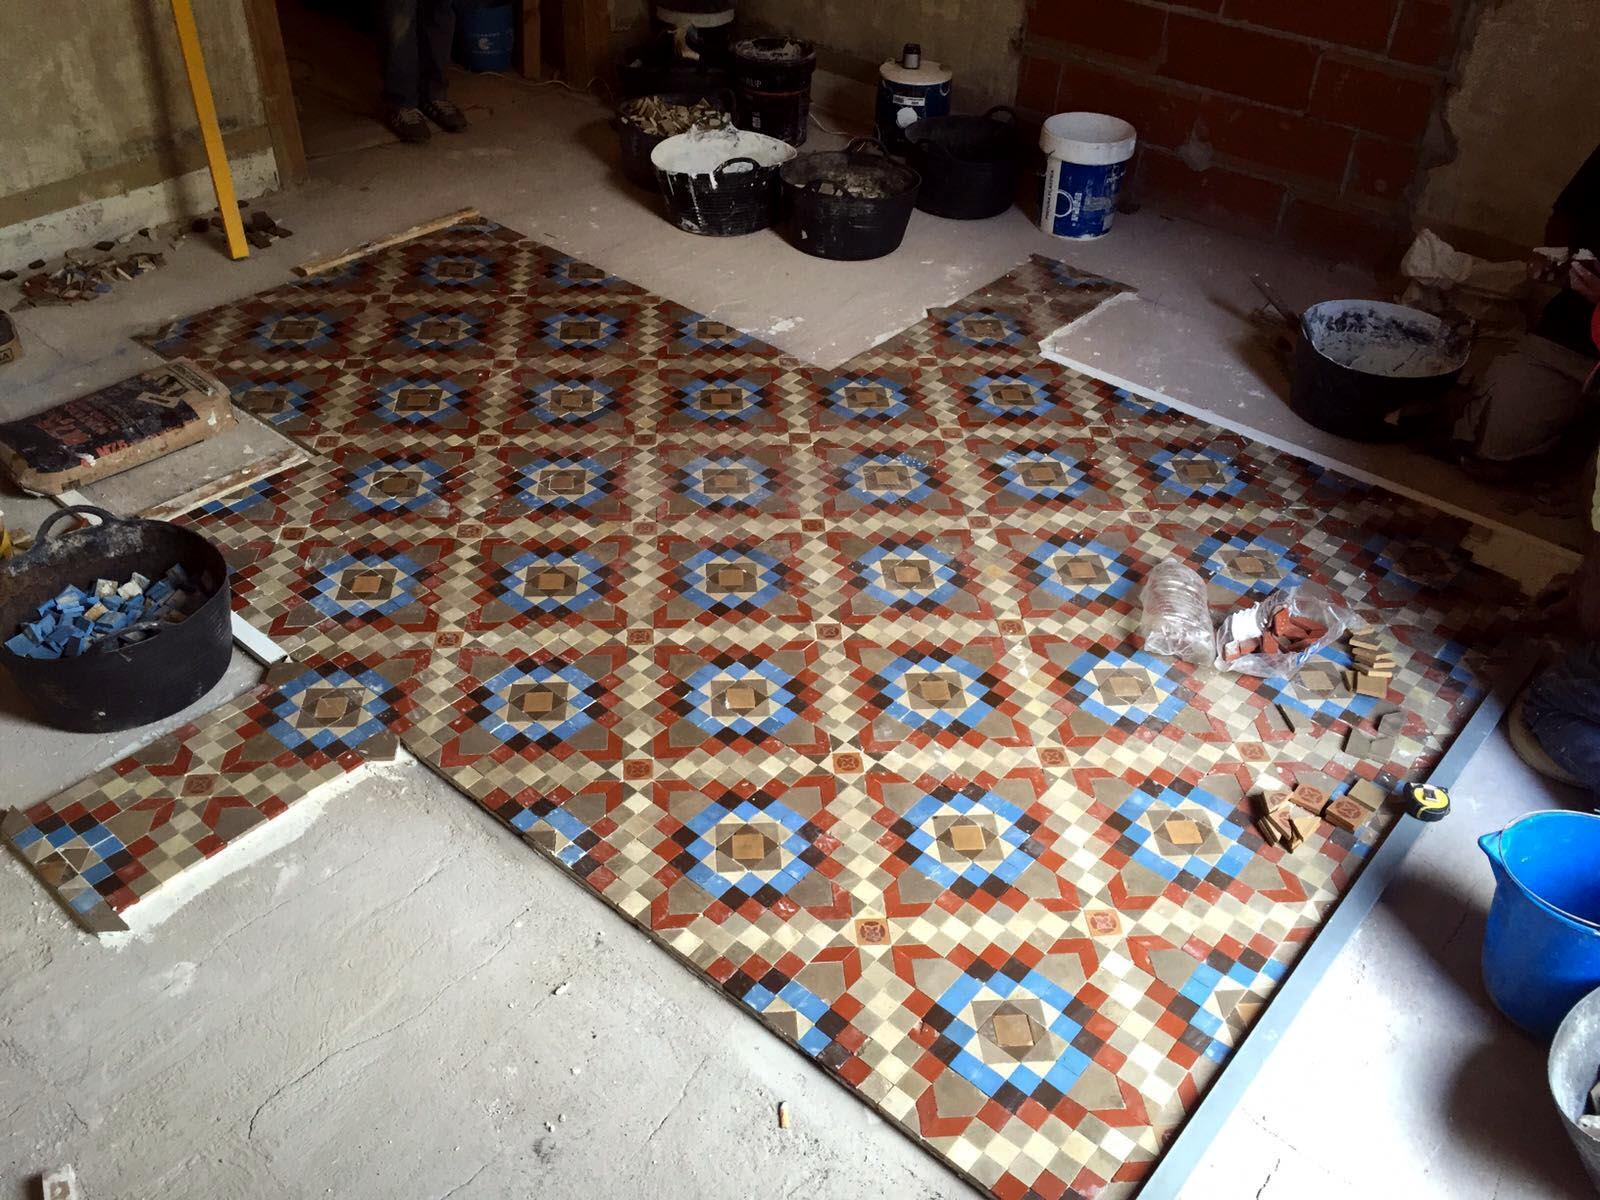 MosaicosBarcelona Recuperacion suelo nolla en vivienda calle Tra